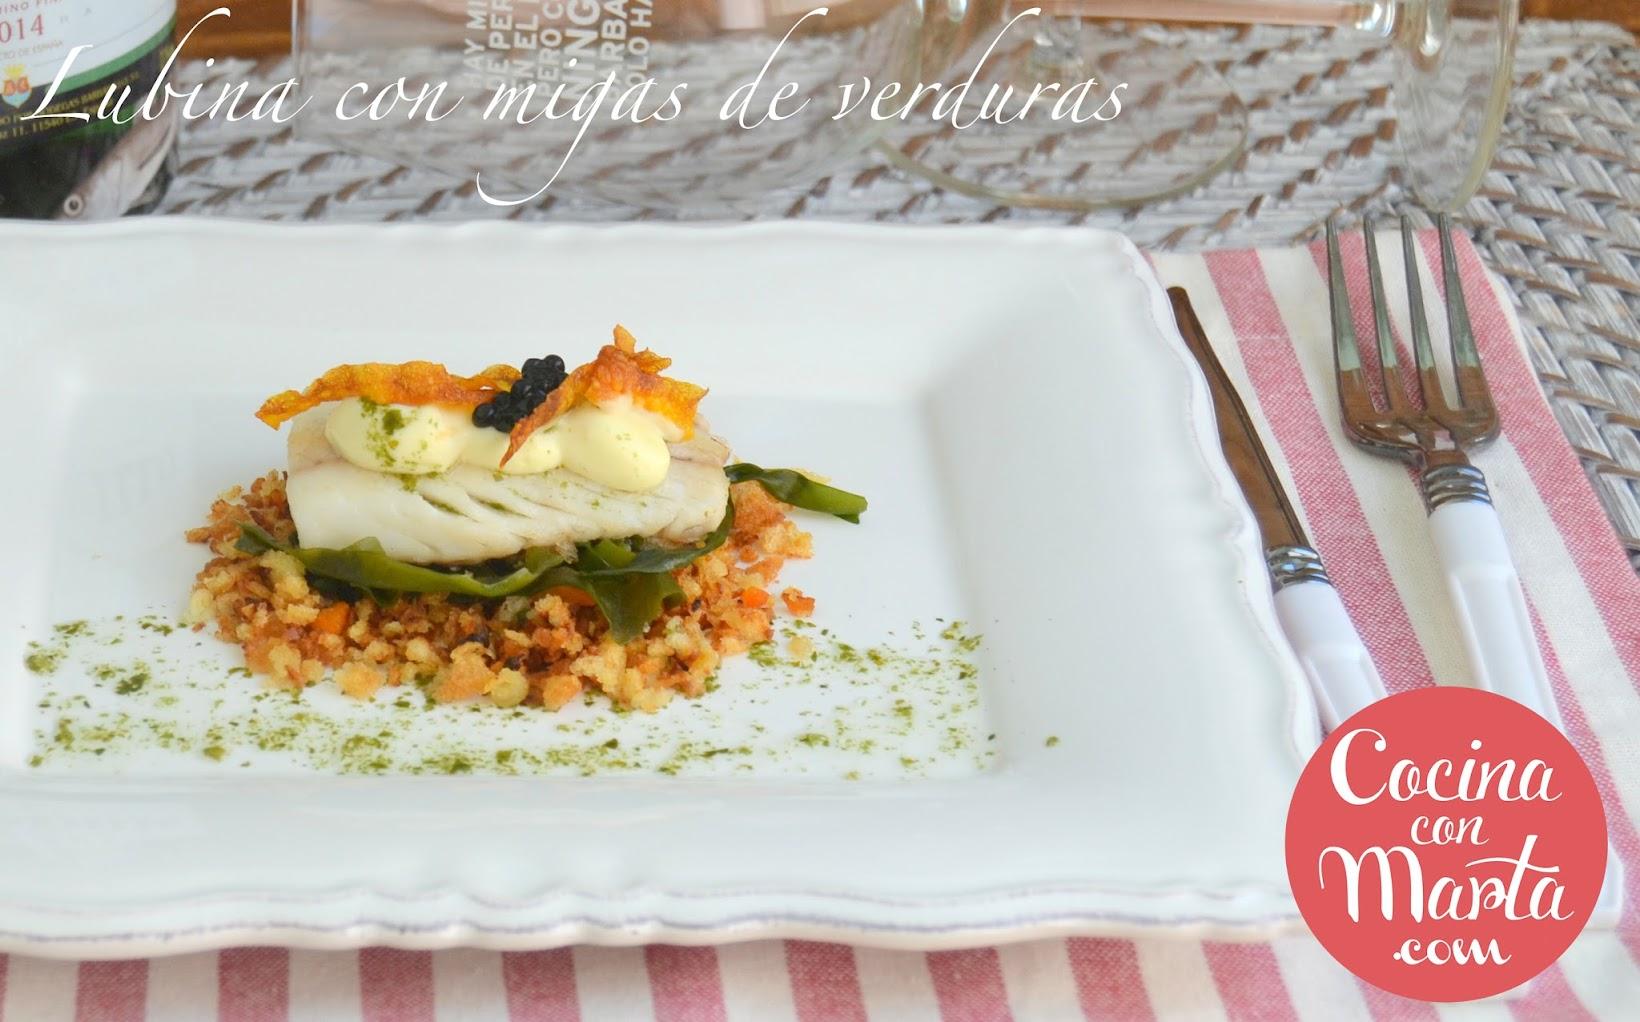 wakame, mayonesa de wasabi. Receta casera para fiestas, ocasiones especiales, navidad, receta navideña, pescado